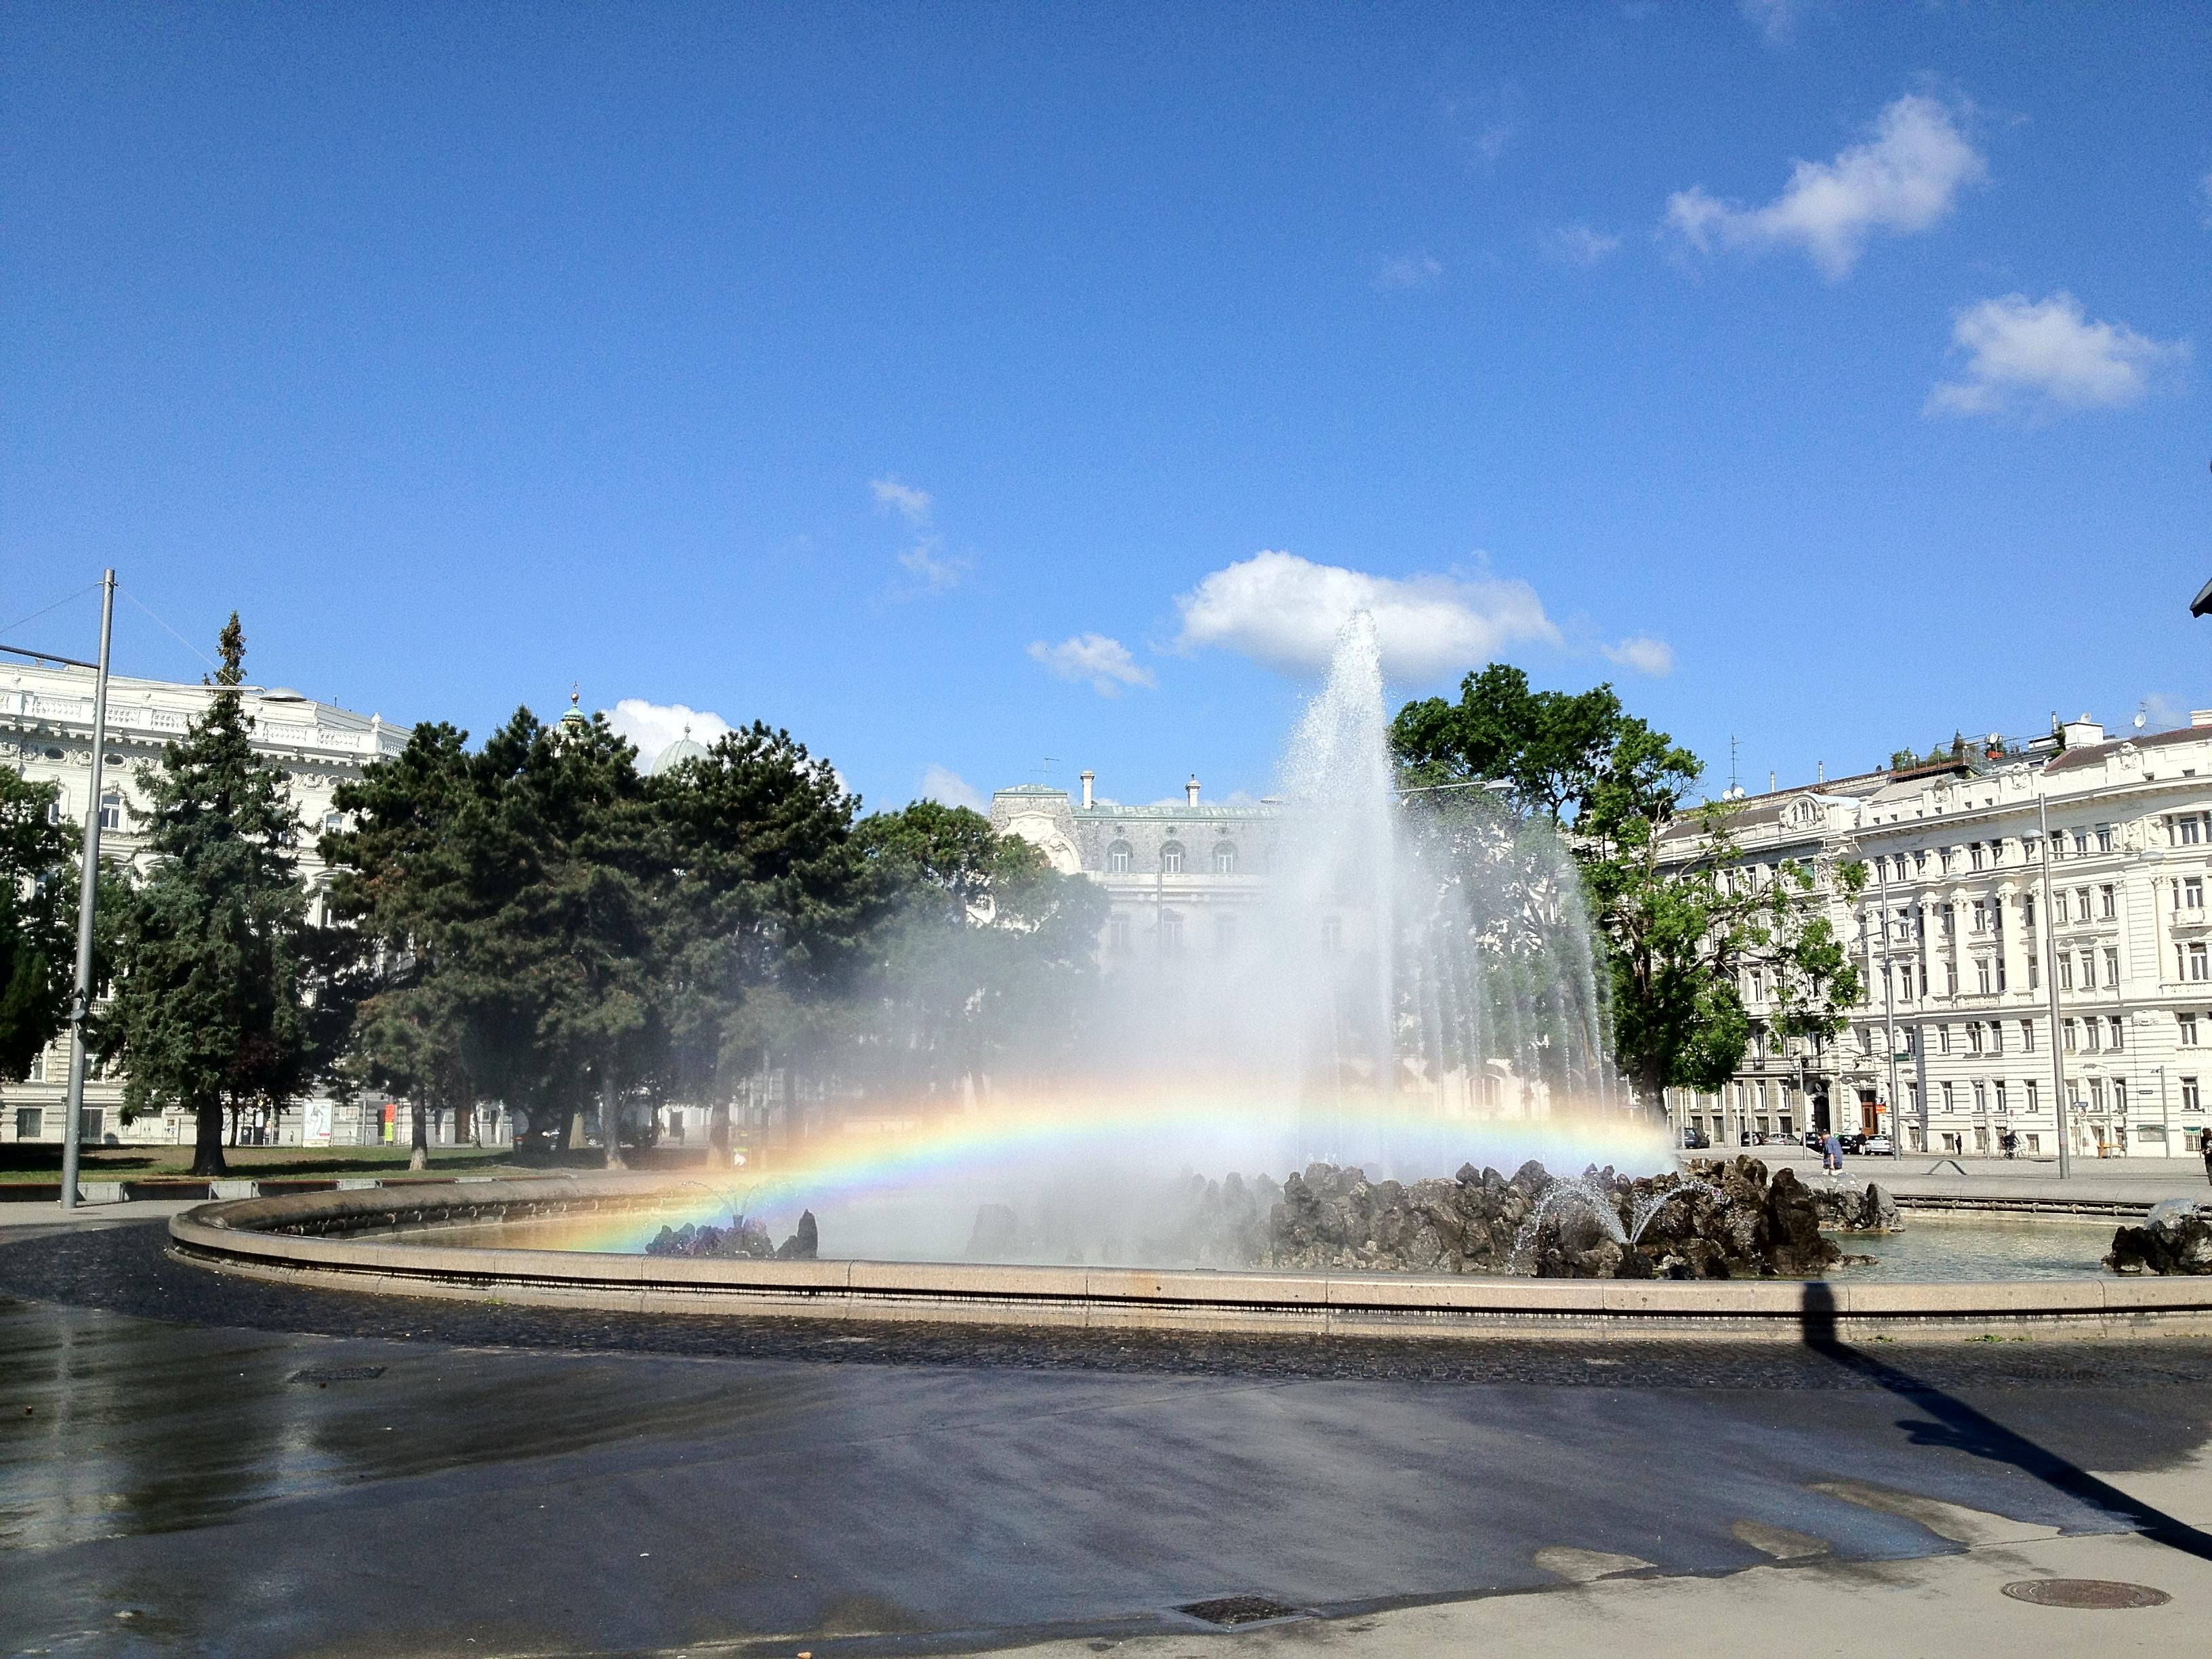 Regenbogen und blauer Himmel